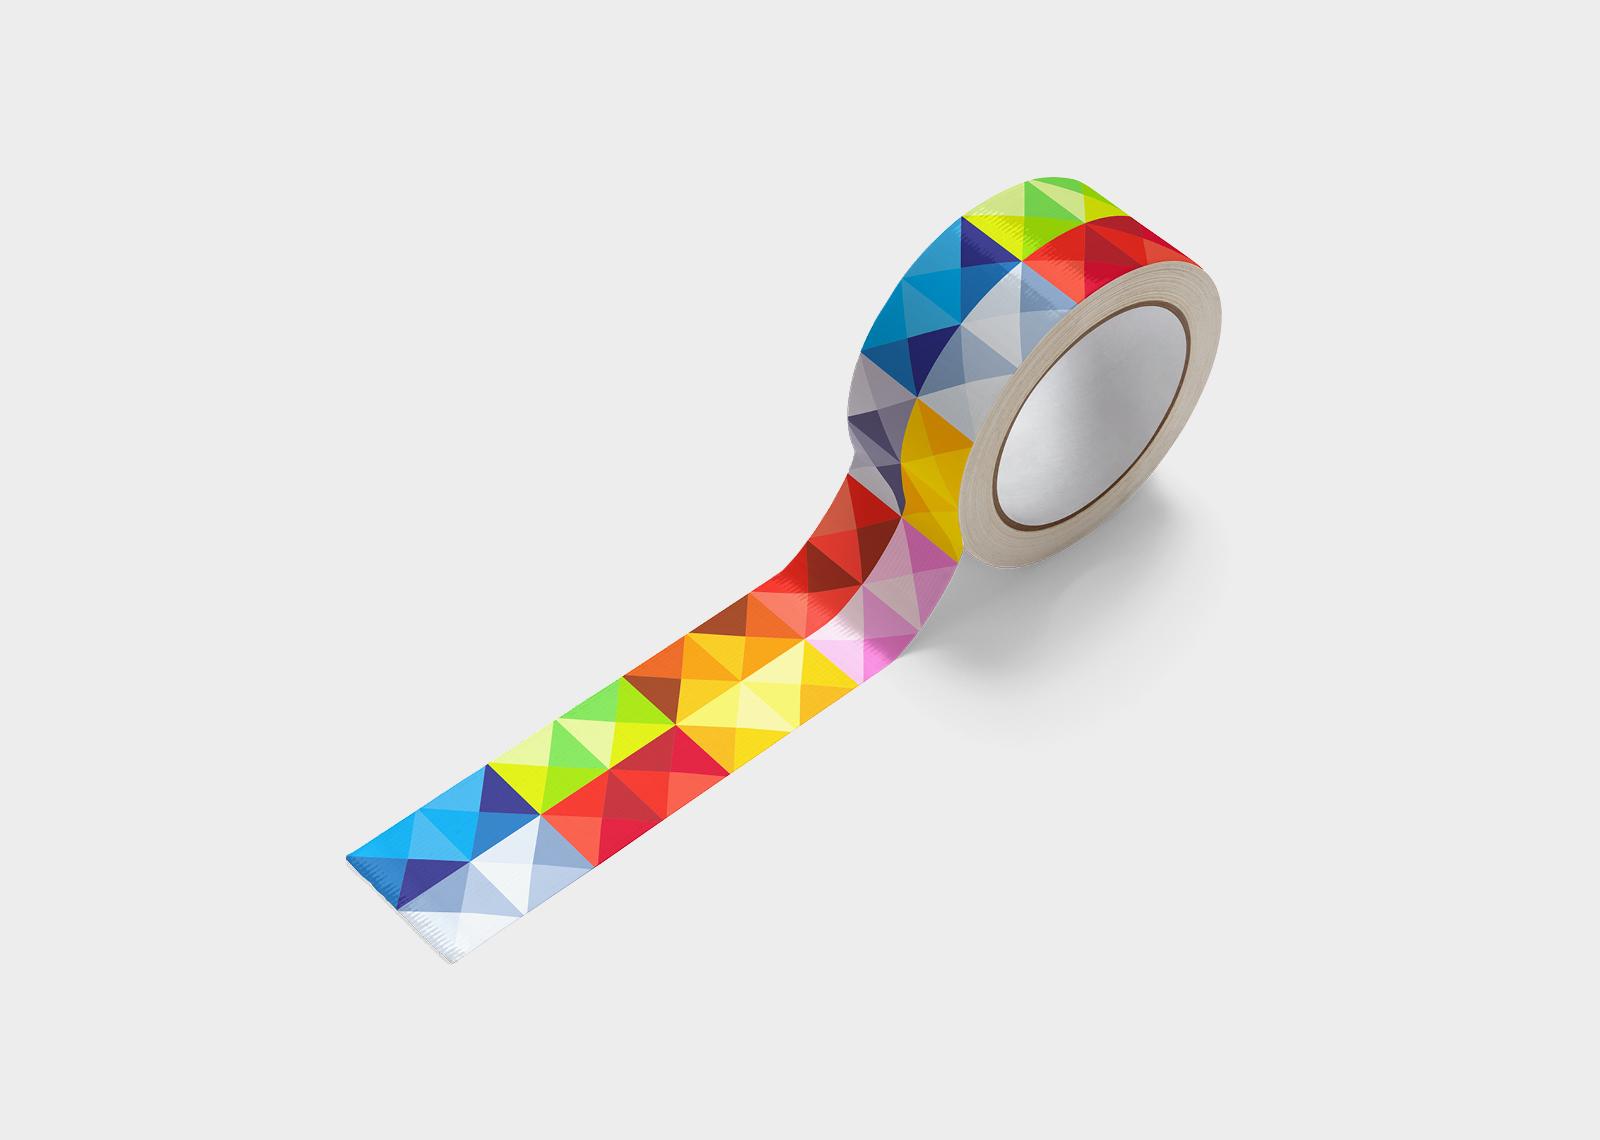 WeeChoco-Brand-And-Packaging-Design-Sean-Greer-Brand-And-Website-Design-Belfast-08.jpg